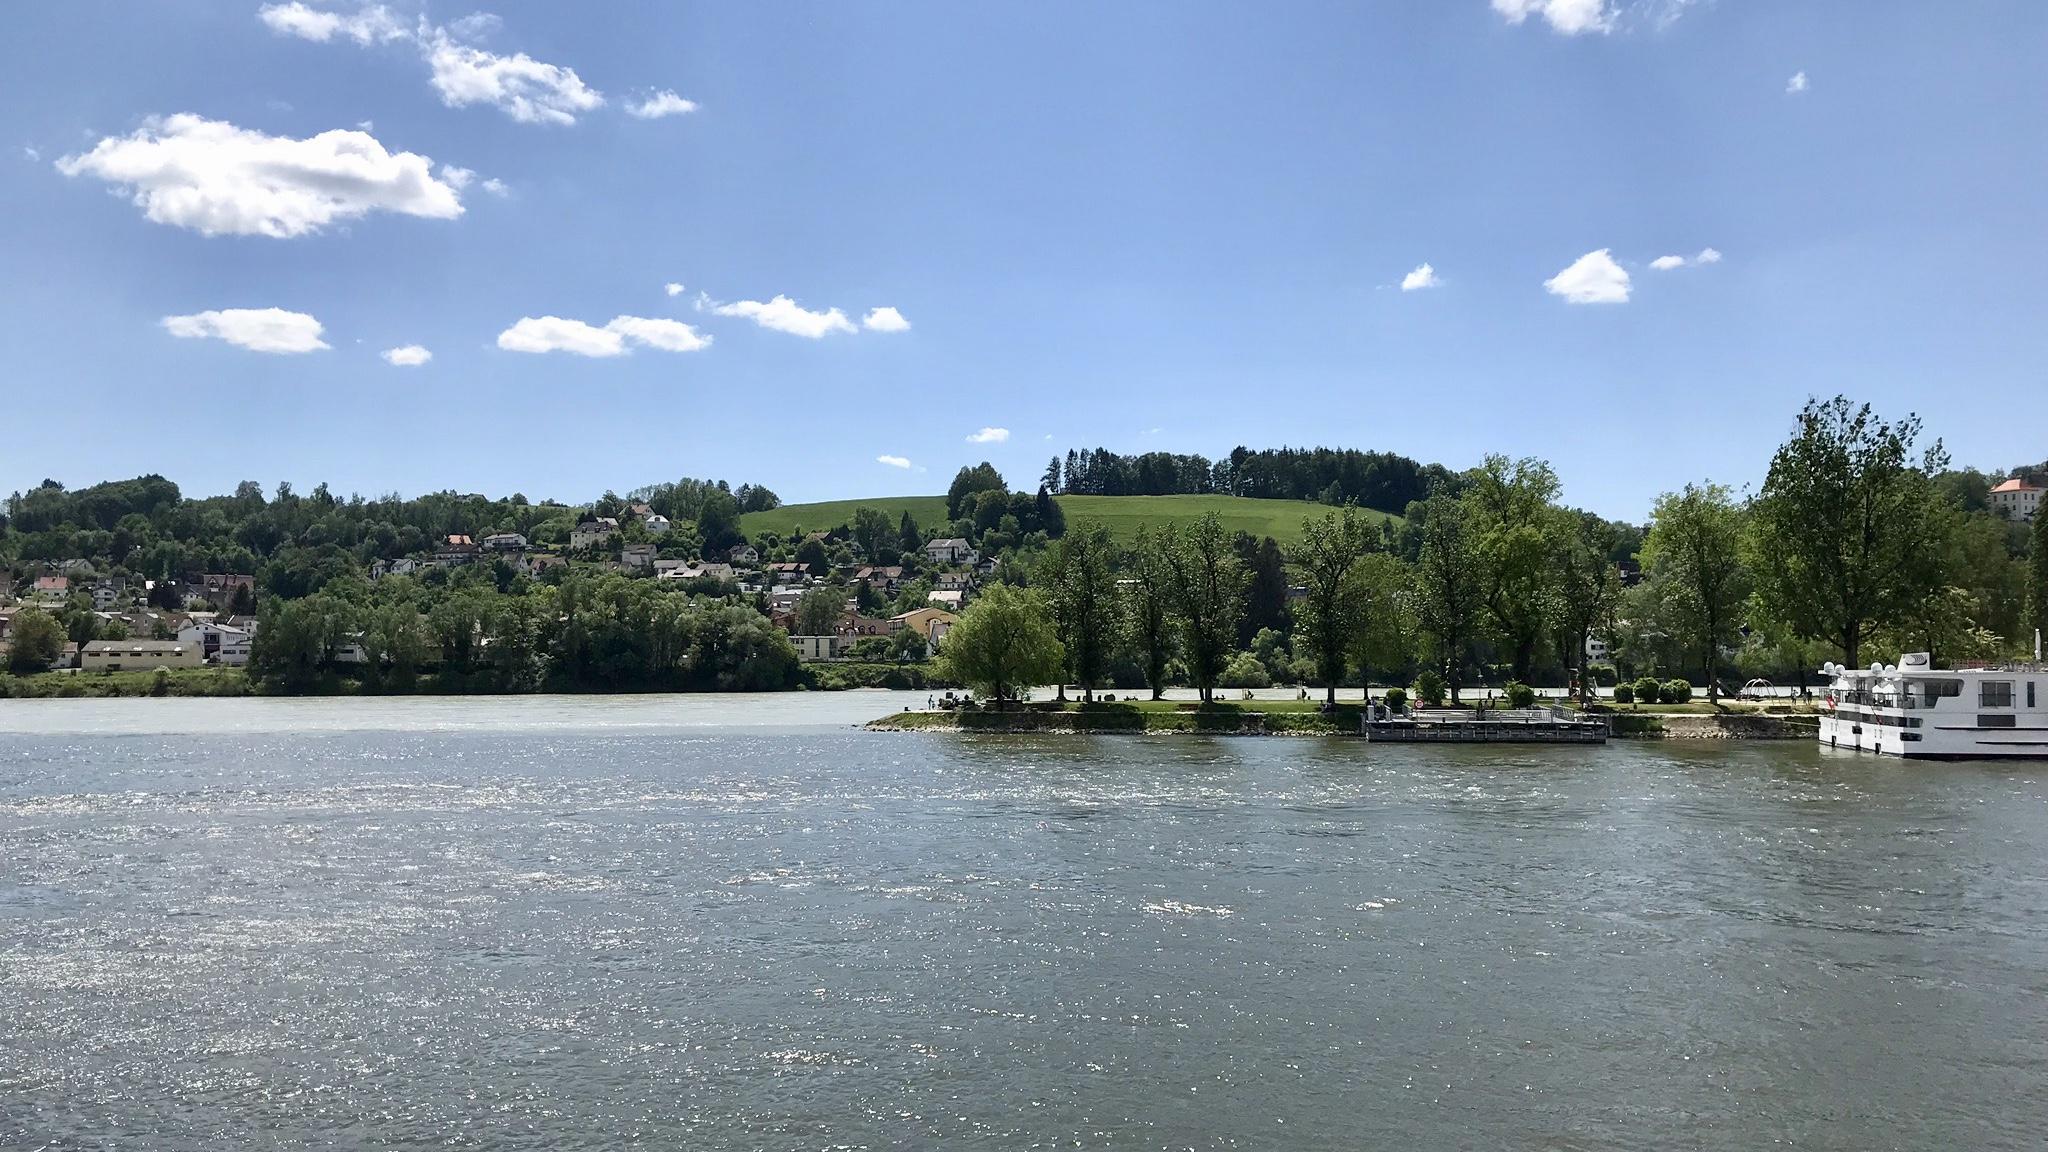 Floderna Inn och Donau förenas med olika färg på vattnet